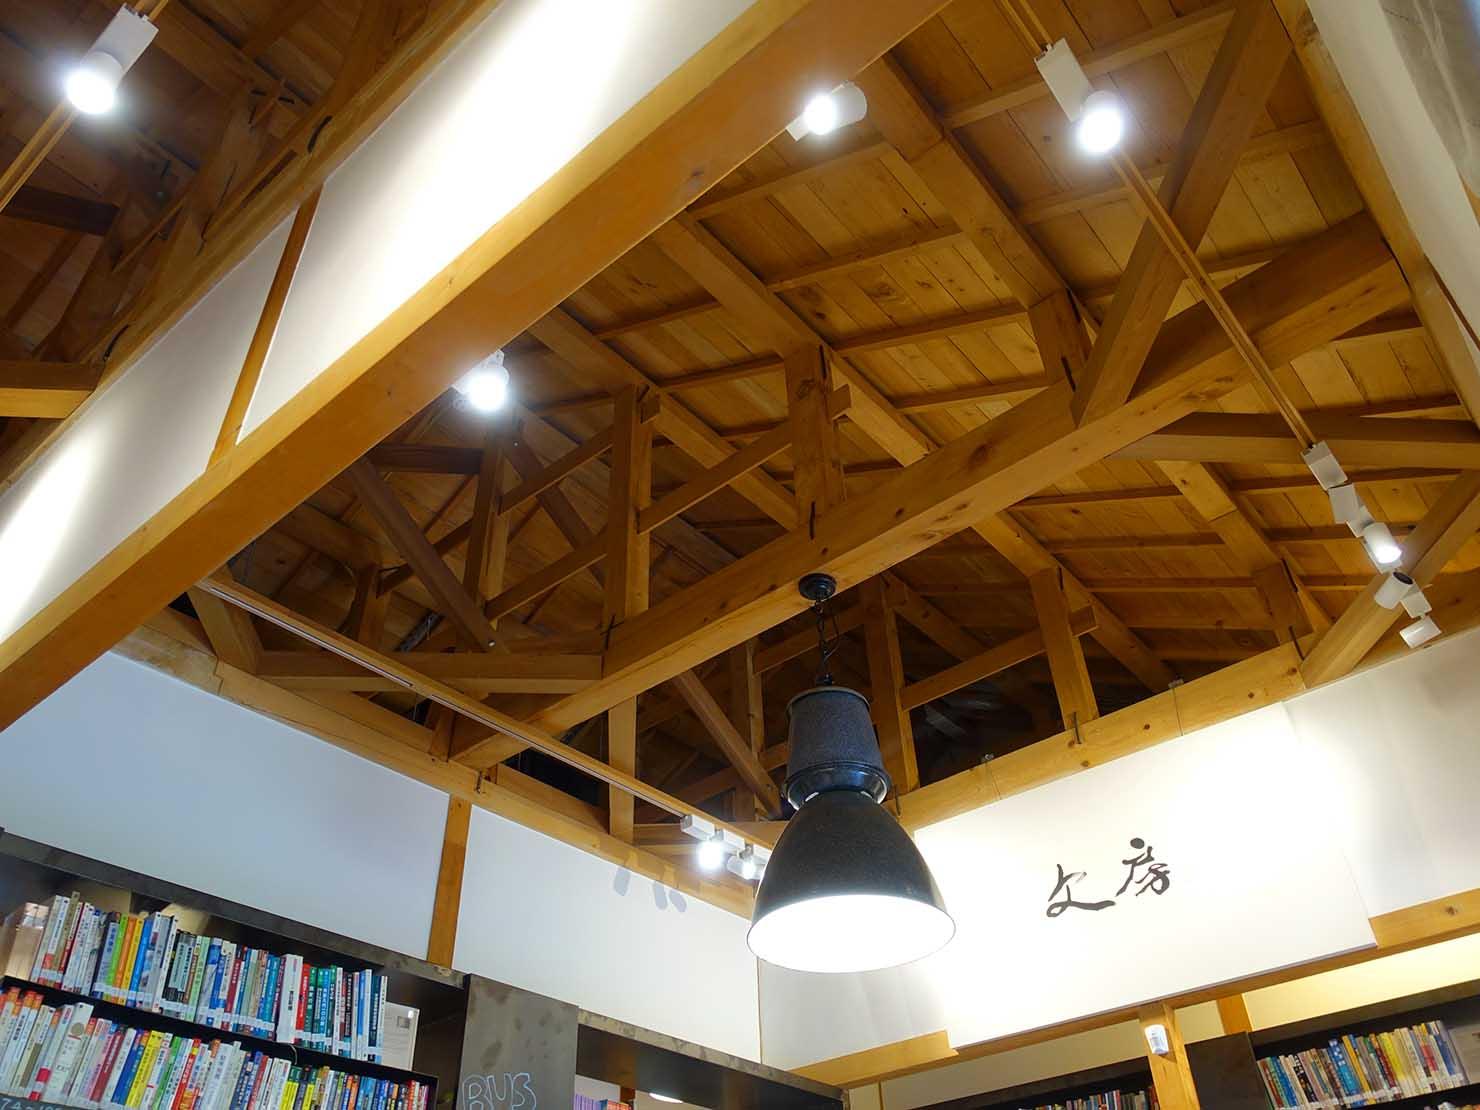 台北の街に佇む日本式古民家の図書館「文房 Chapter」の屋根